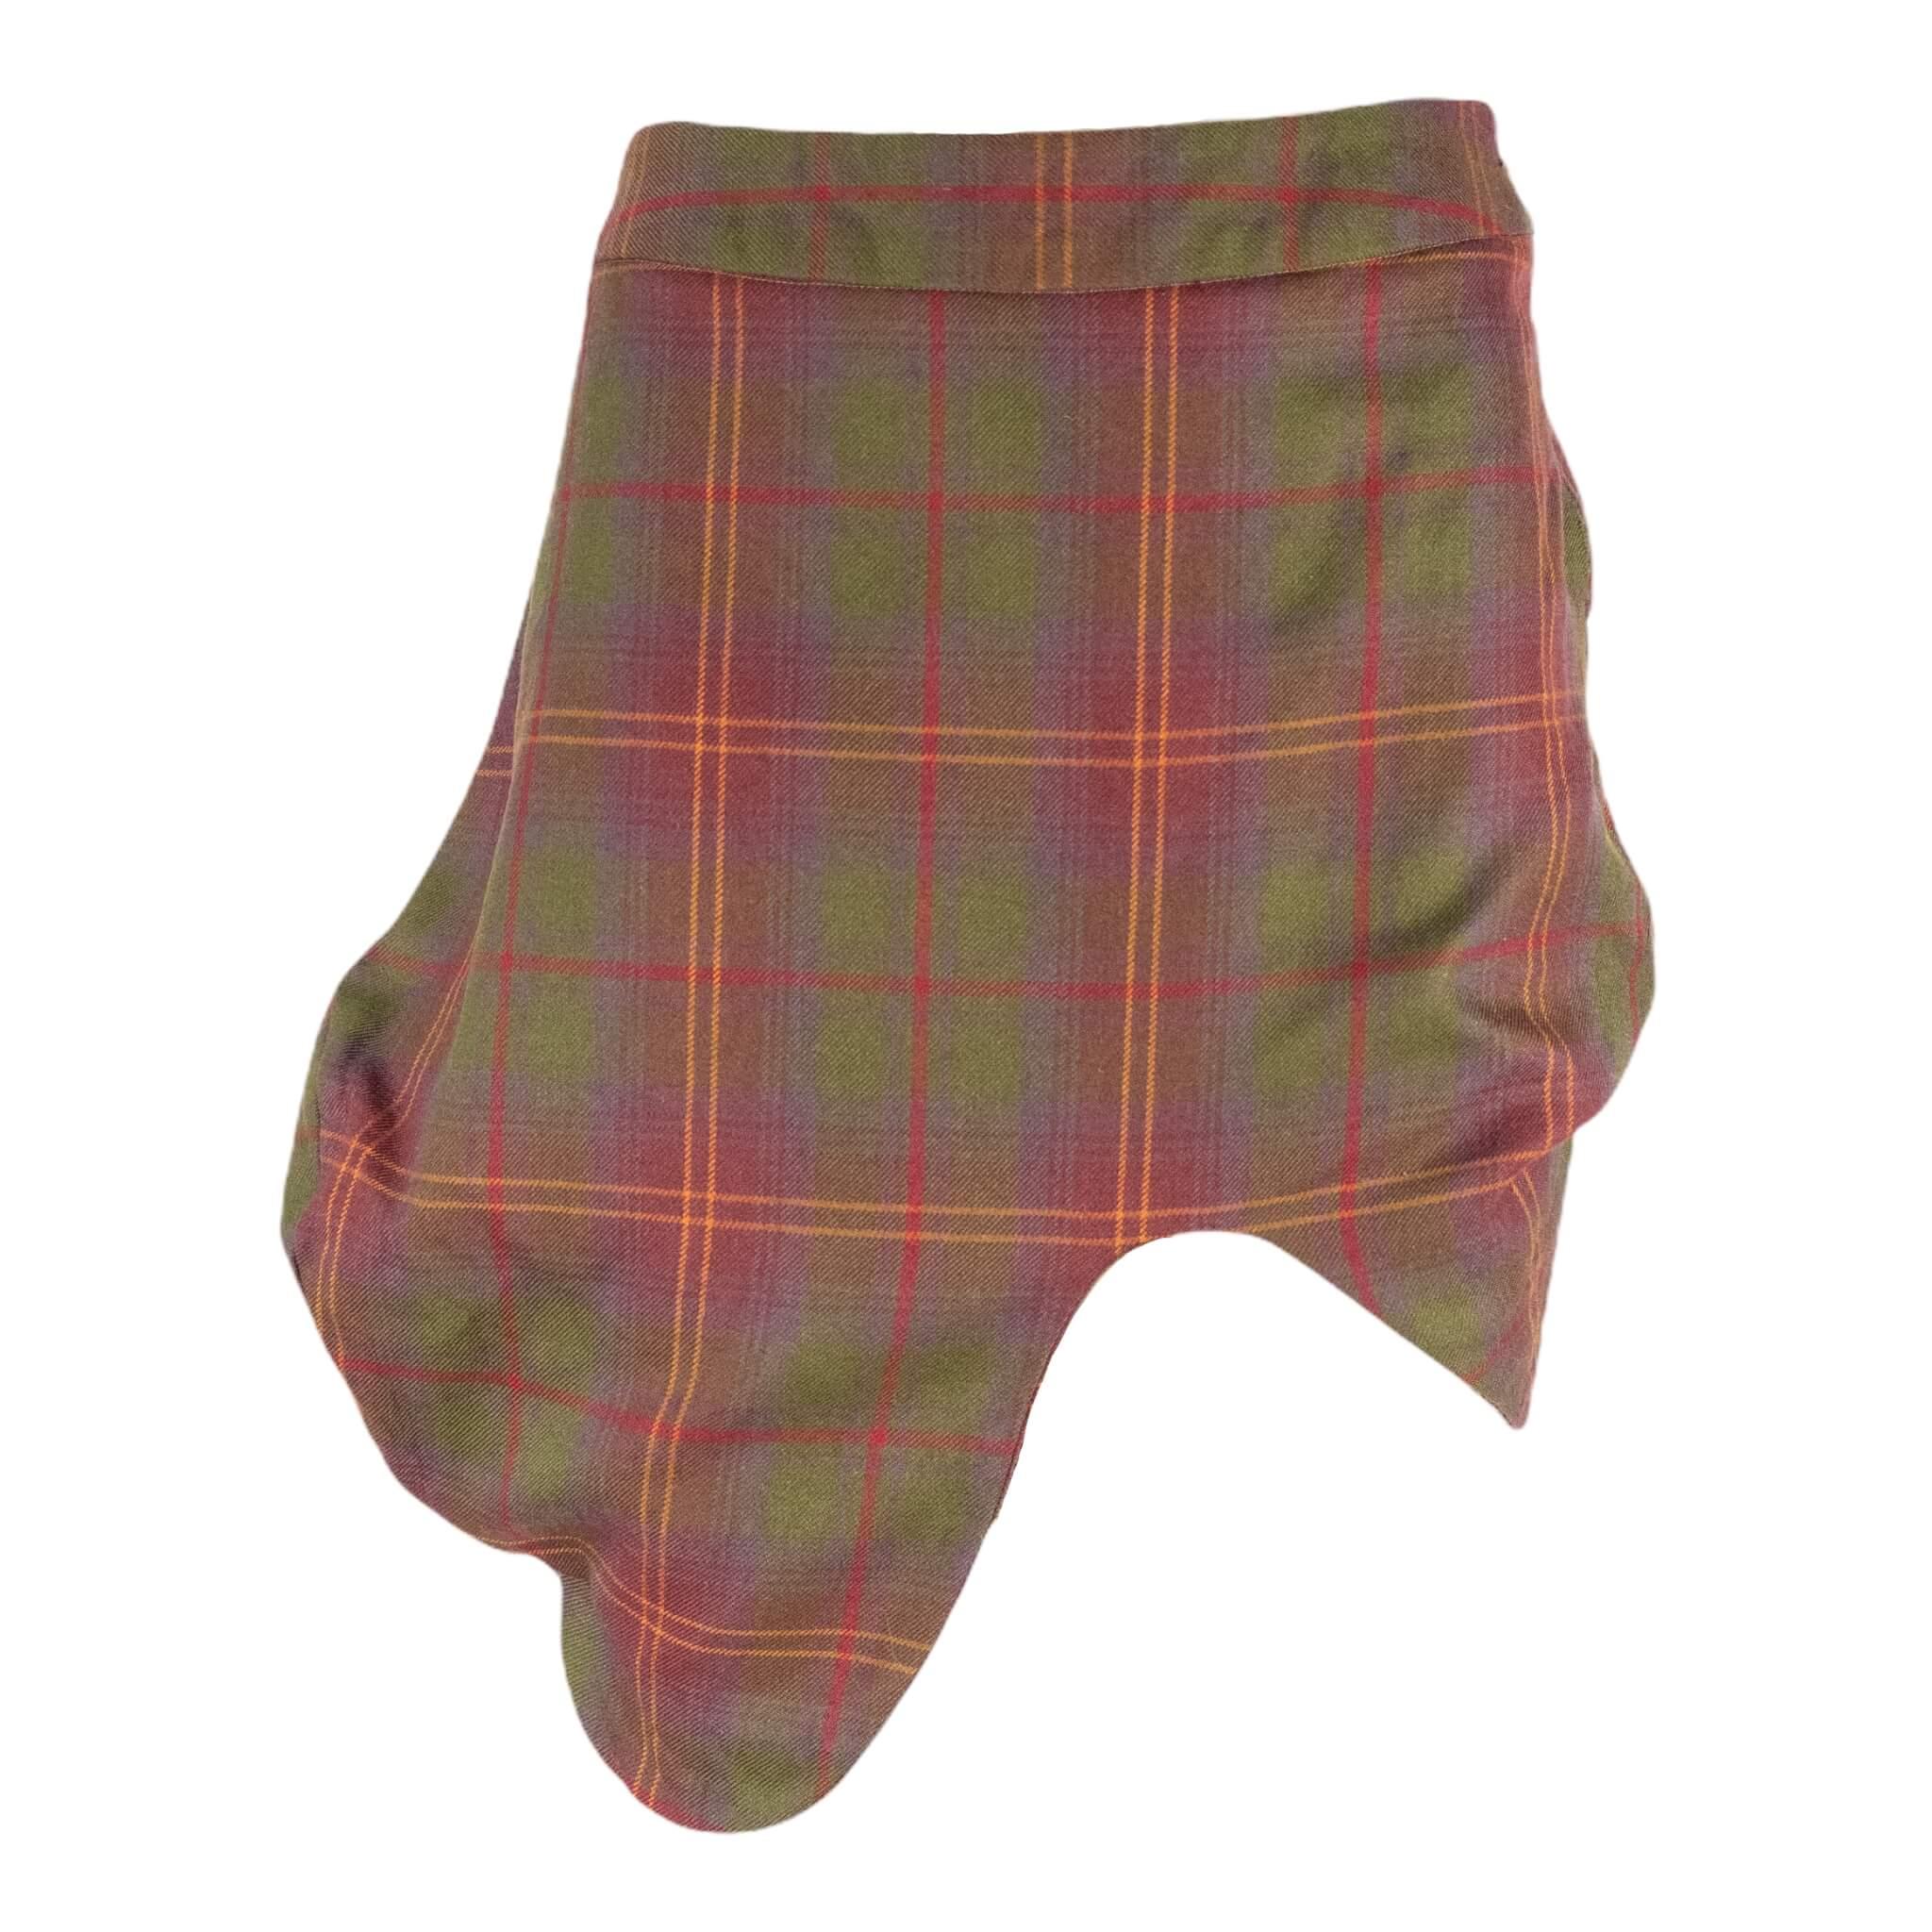 Vivienne Westwood Atypical Plaid Skirt